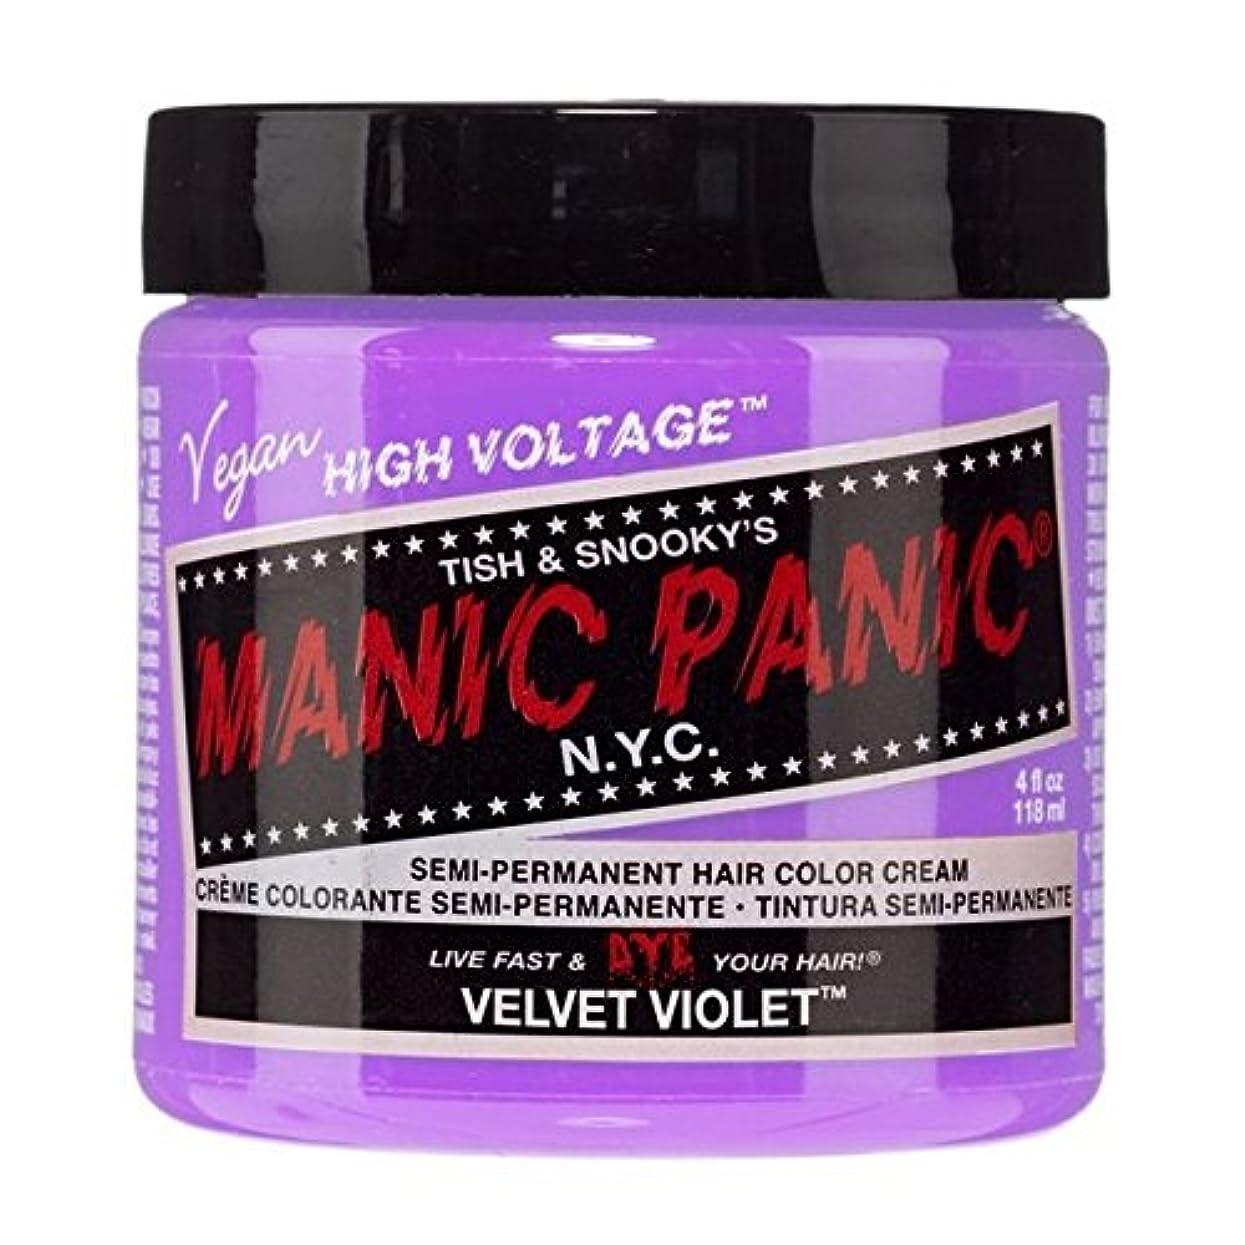 巡礼者返済うねるスペシャルセットMANIC PANICマニックパニック:VELVET VIOLET (ベルベットヴァイオレット)+ヘアカラーケア4点セット